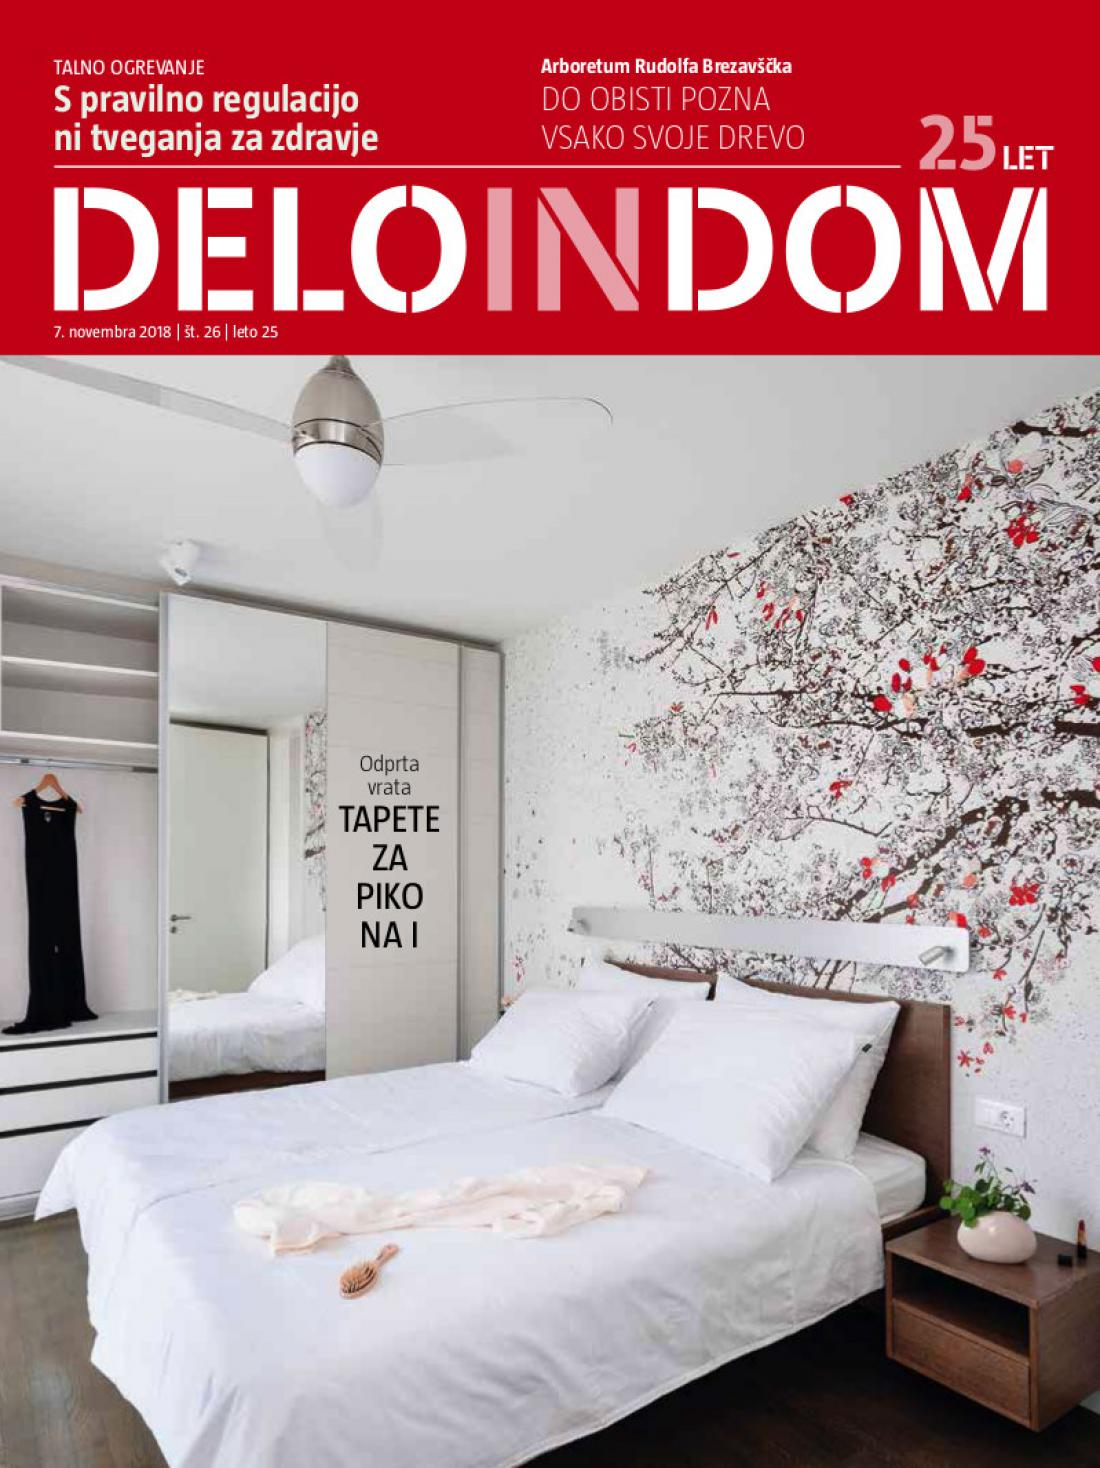 Naslednja številka priloge Deloindom bo Delu in Slovenskim novicam priložena 21. novembra 2018.